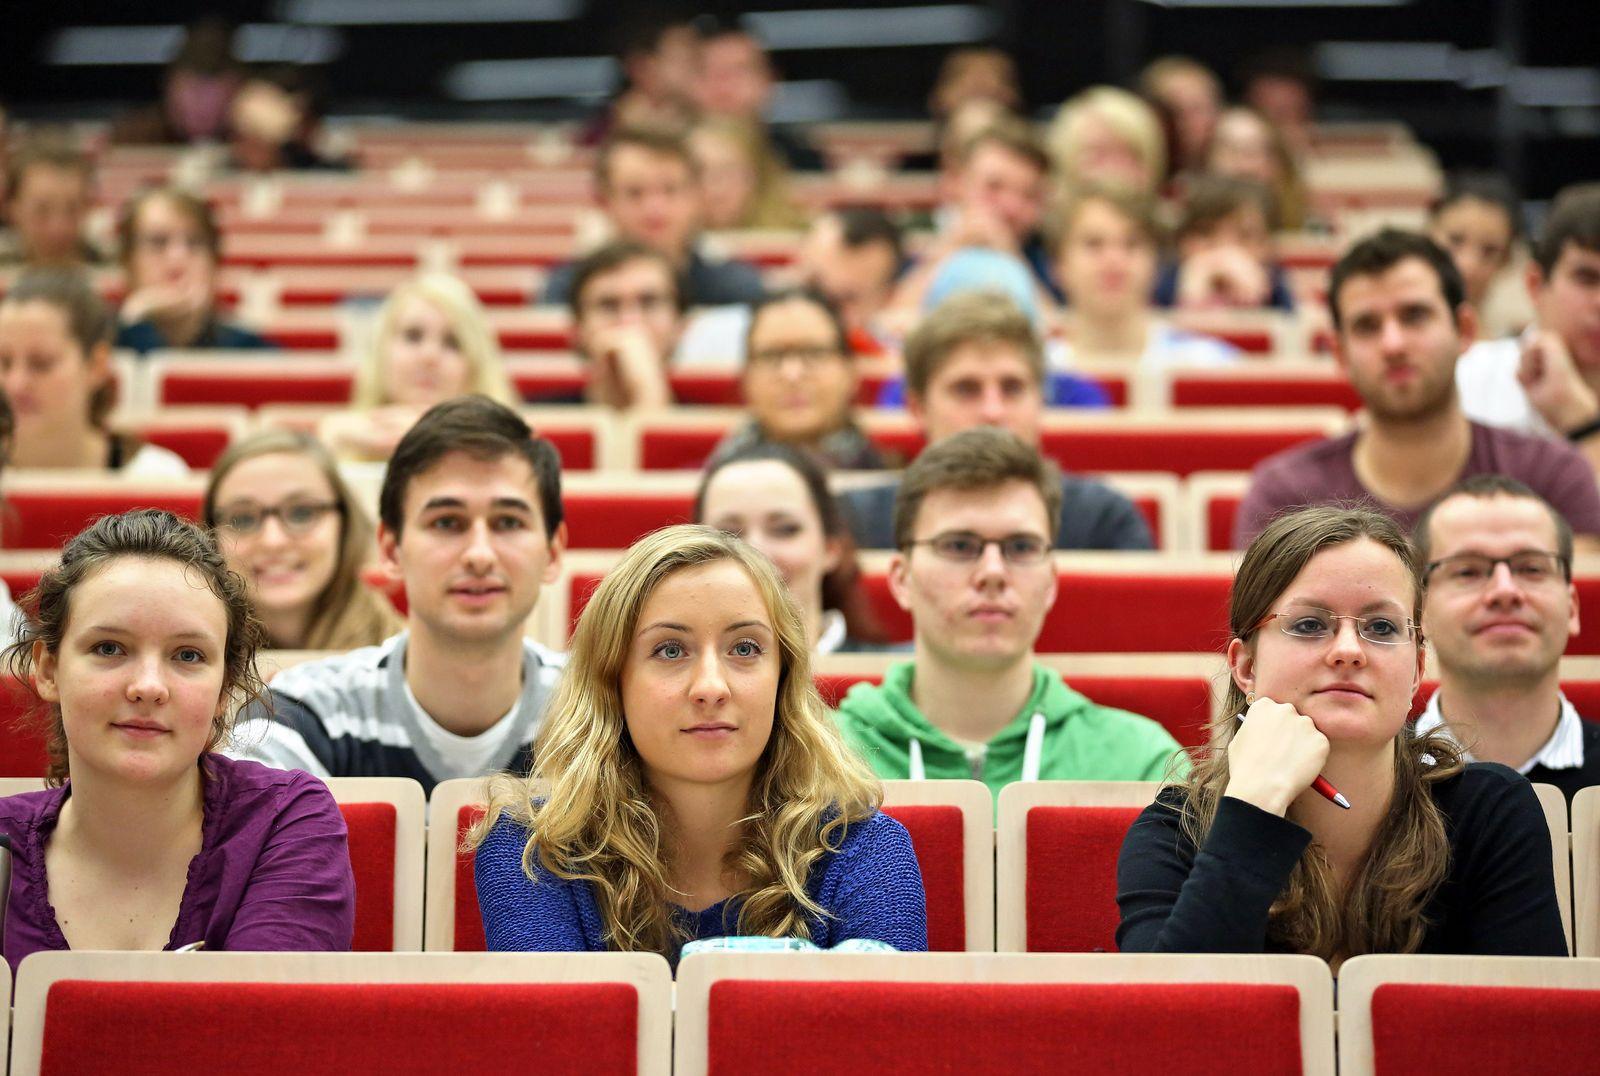 Hörsaal / Studienbeginn / Studenten / Vorlesung